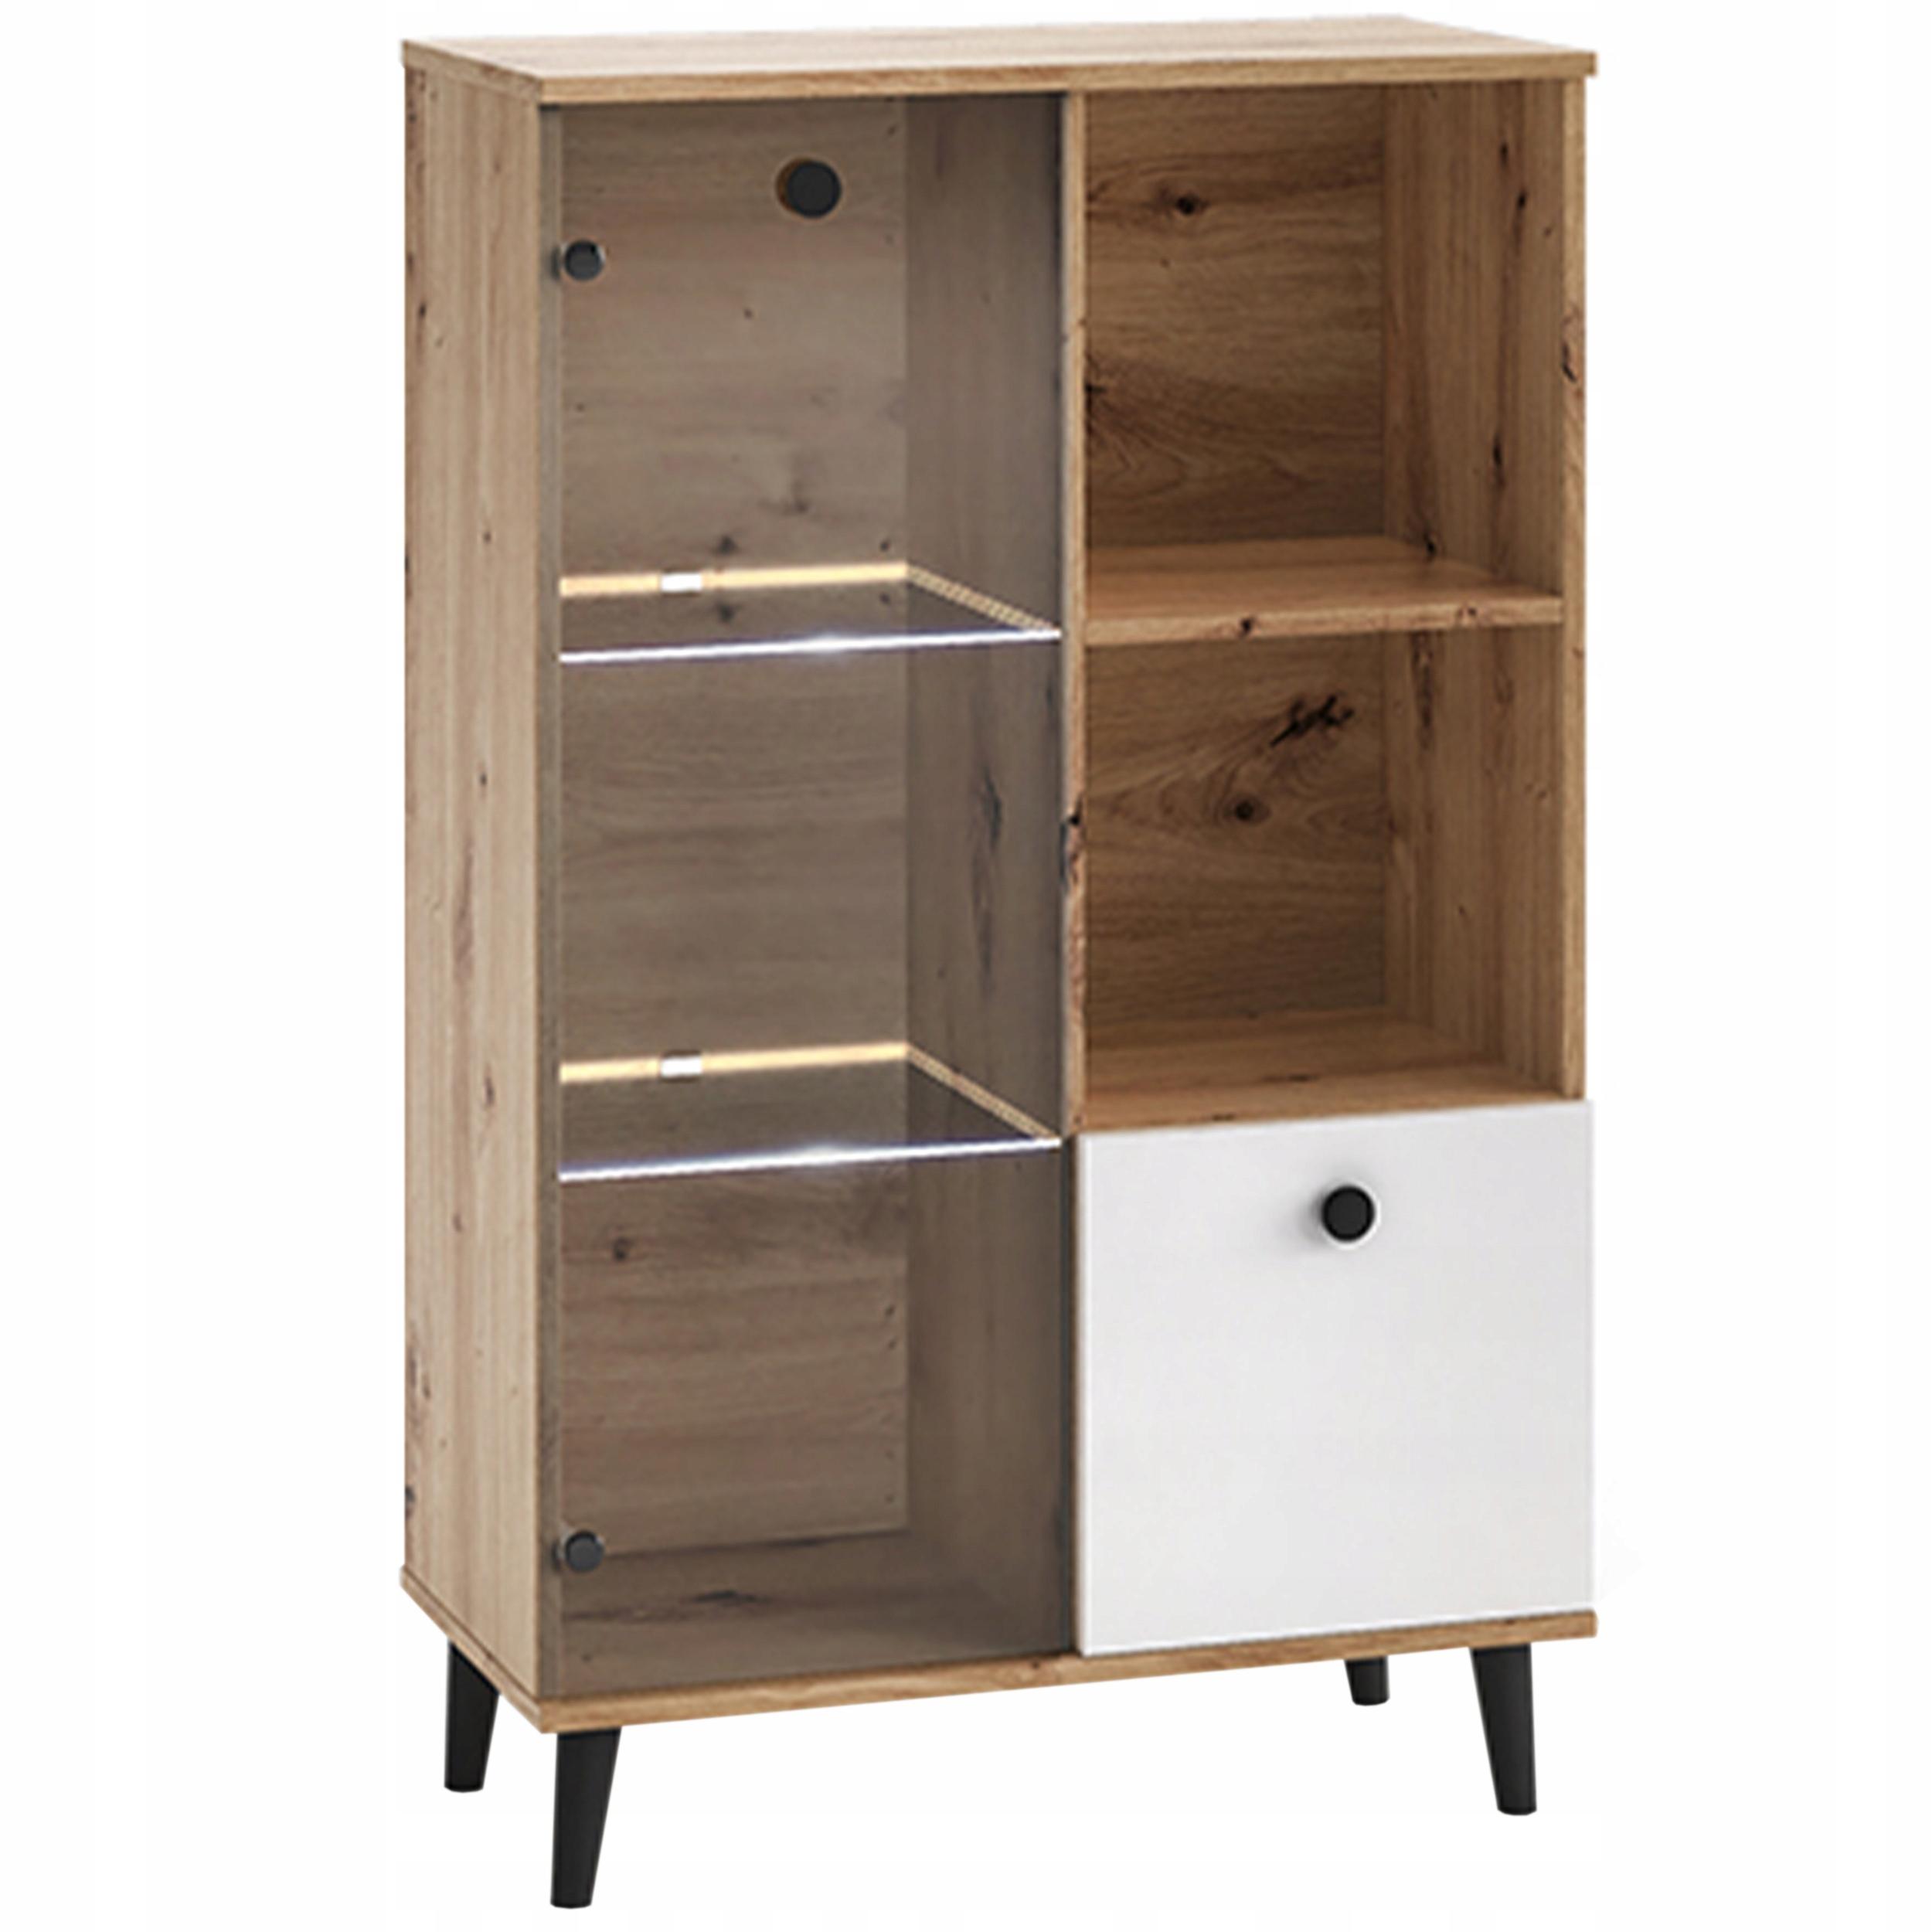 Витрина, книжный шкаф для гостиной - Artisan